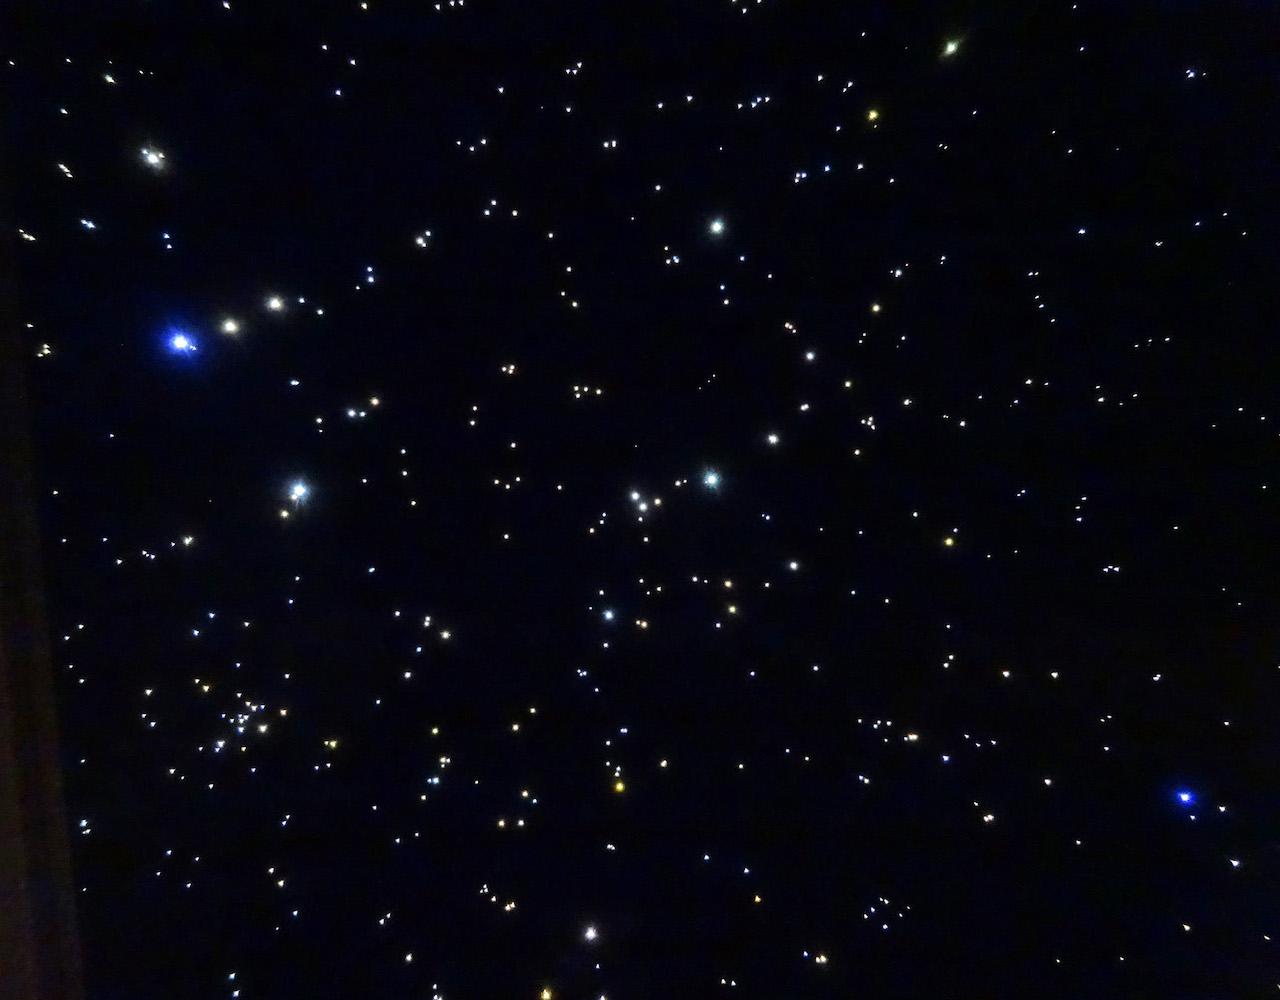 Sterrenhemel plafond verlichting LED glasvezel slaapkamer romantisch ideen voorbeelden constellaties afbeelding mycosmos